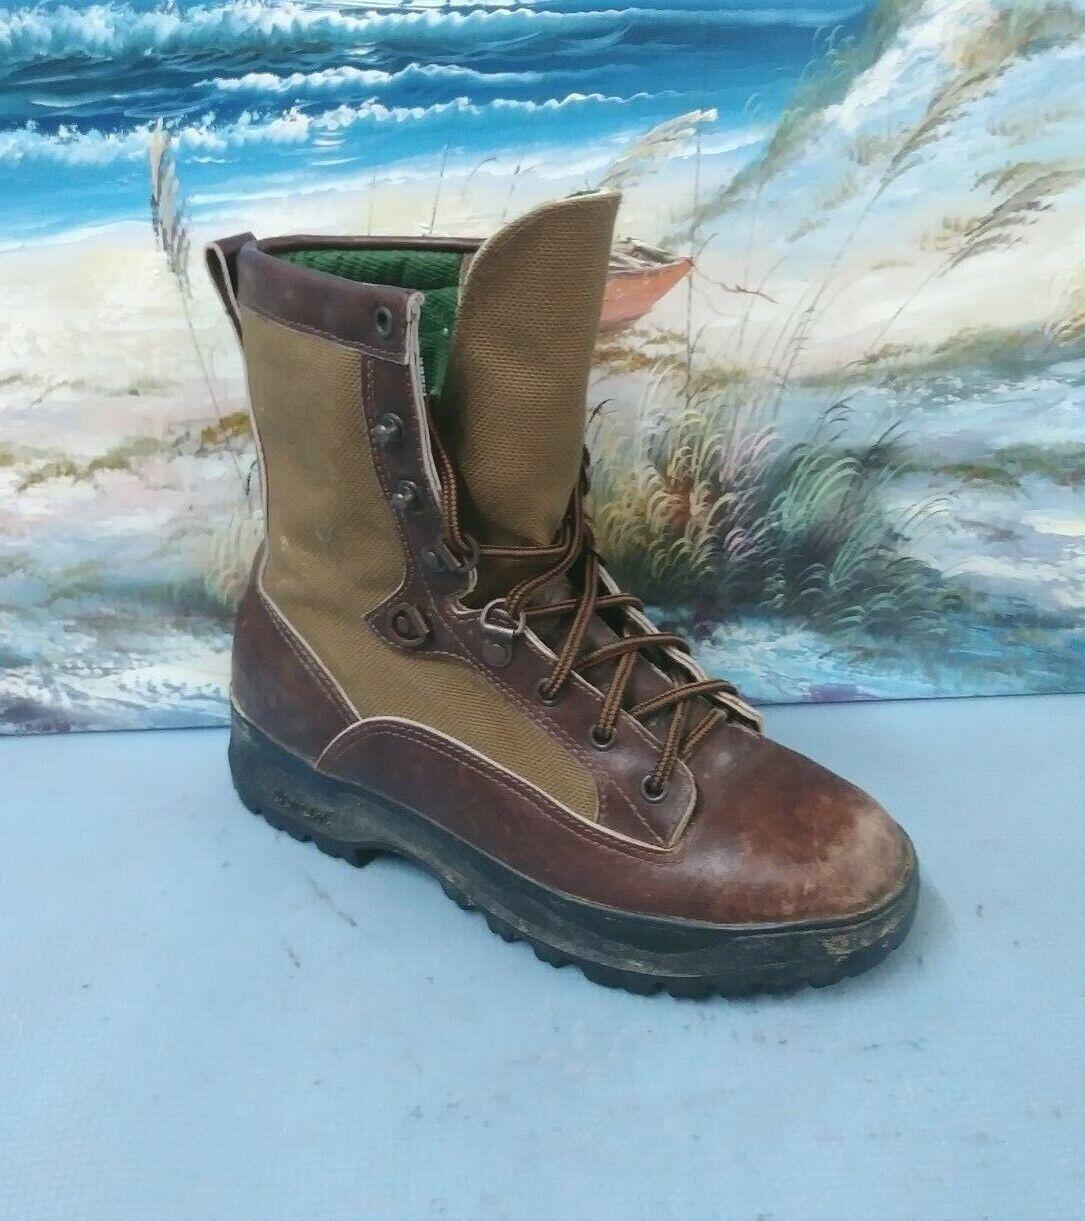 Danner grande madera para hombre M marrón Senderismo botas De Trabajo 50400 gramos de aislamiento